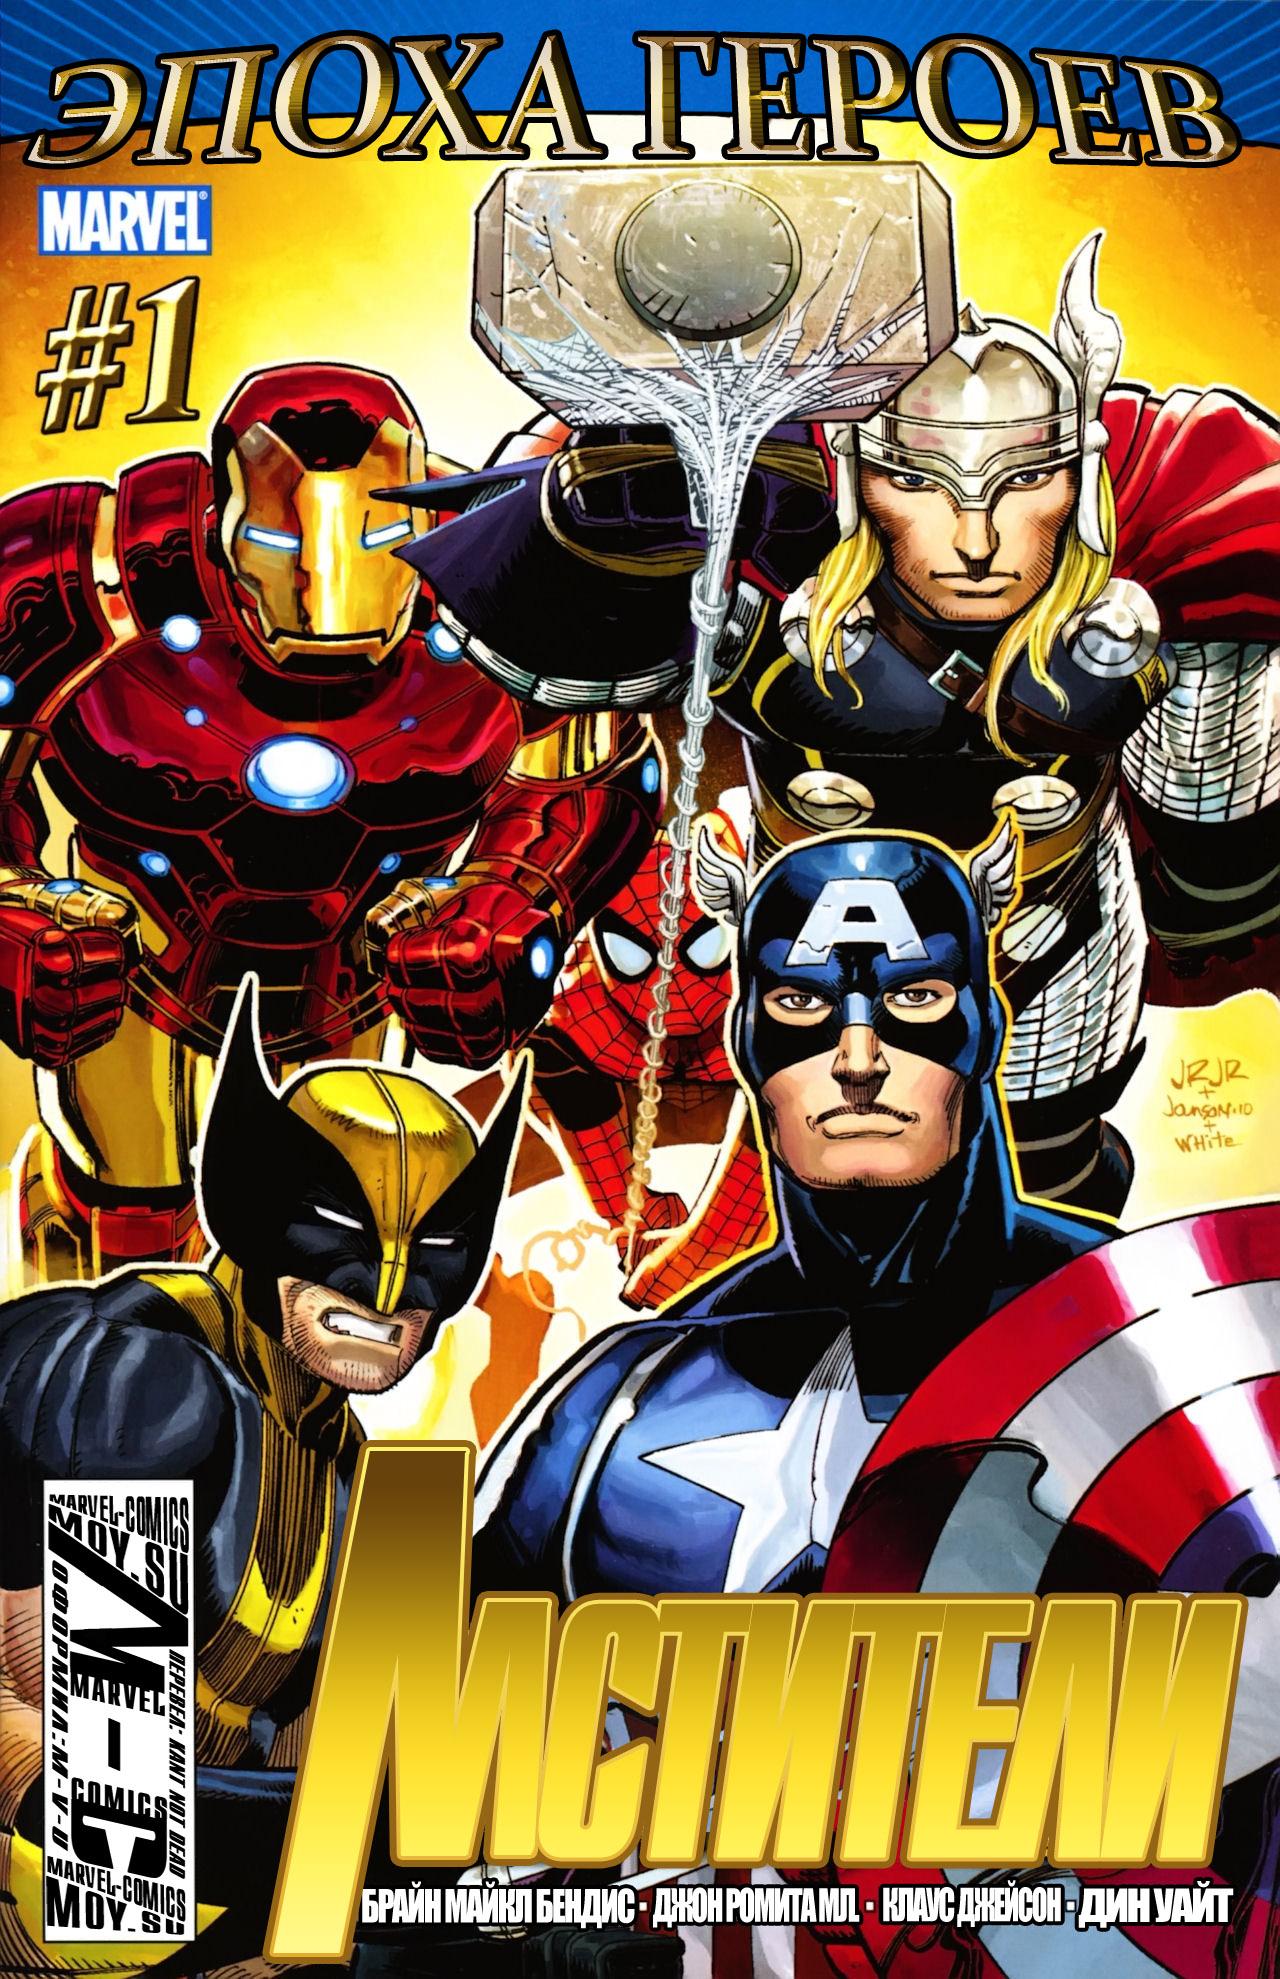 Комиксы Онлайн - Мстители том 4 - # 1 Следующие Мстители, часть 1. Эпоха Героев - Страница №1 - Avengers vol 4 - # 1 Next Avengers, Part 1